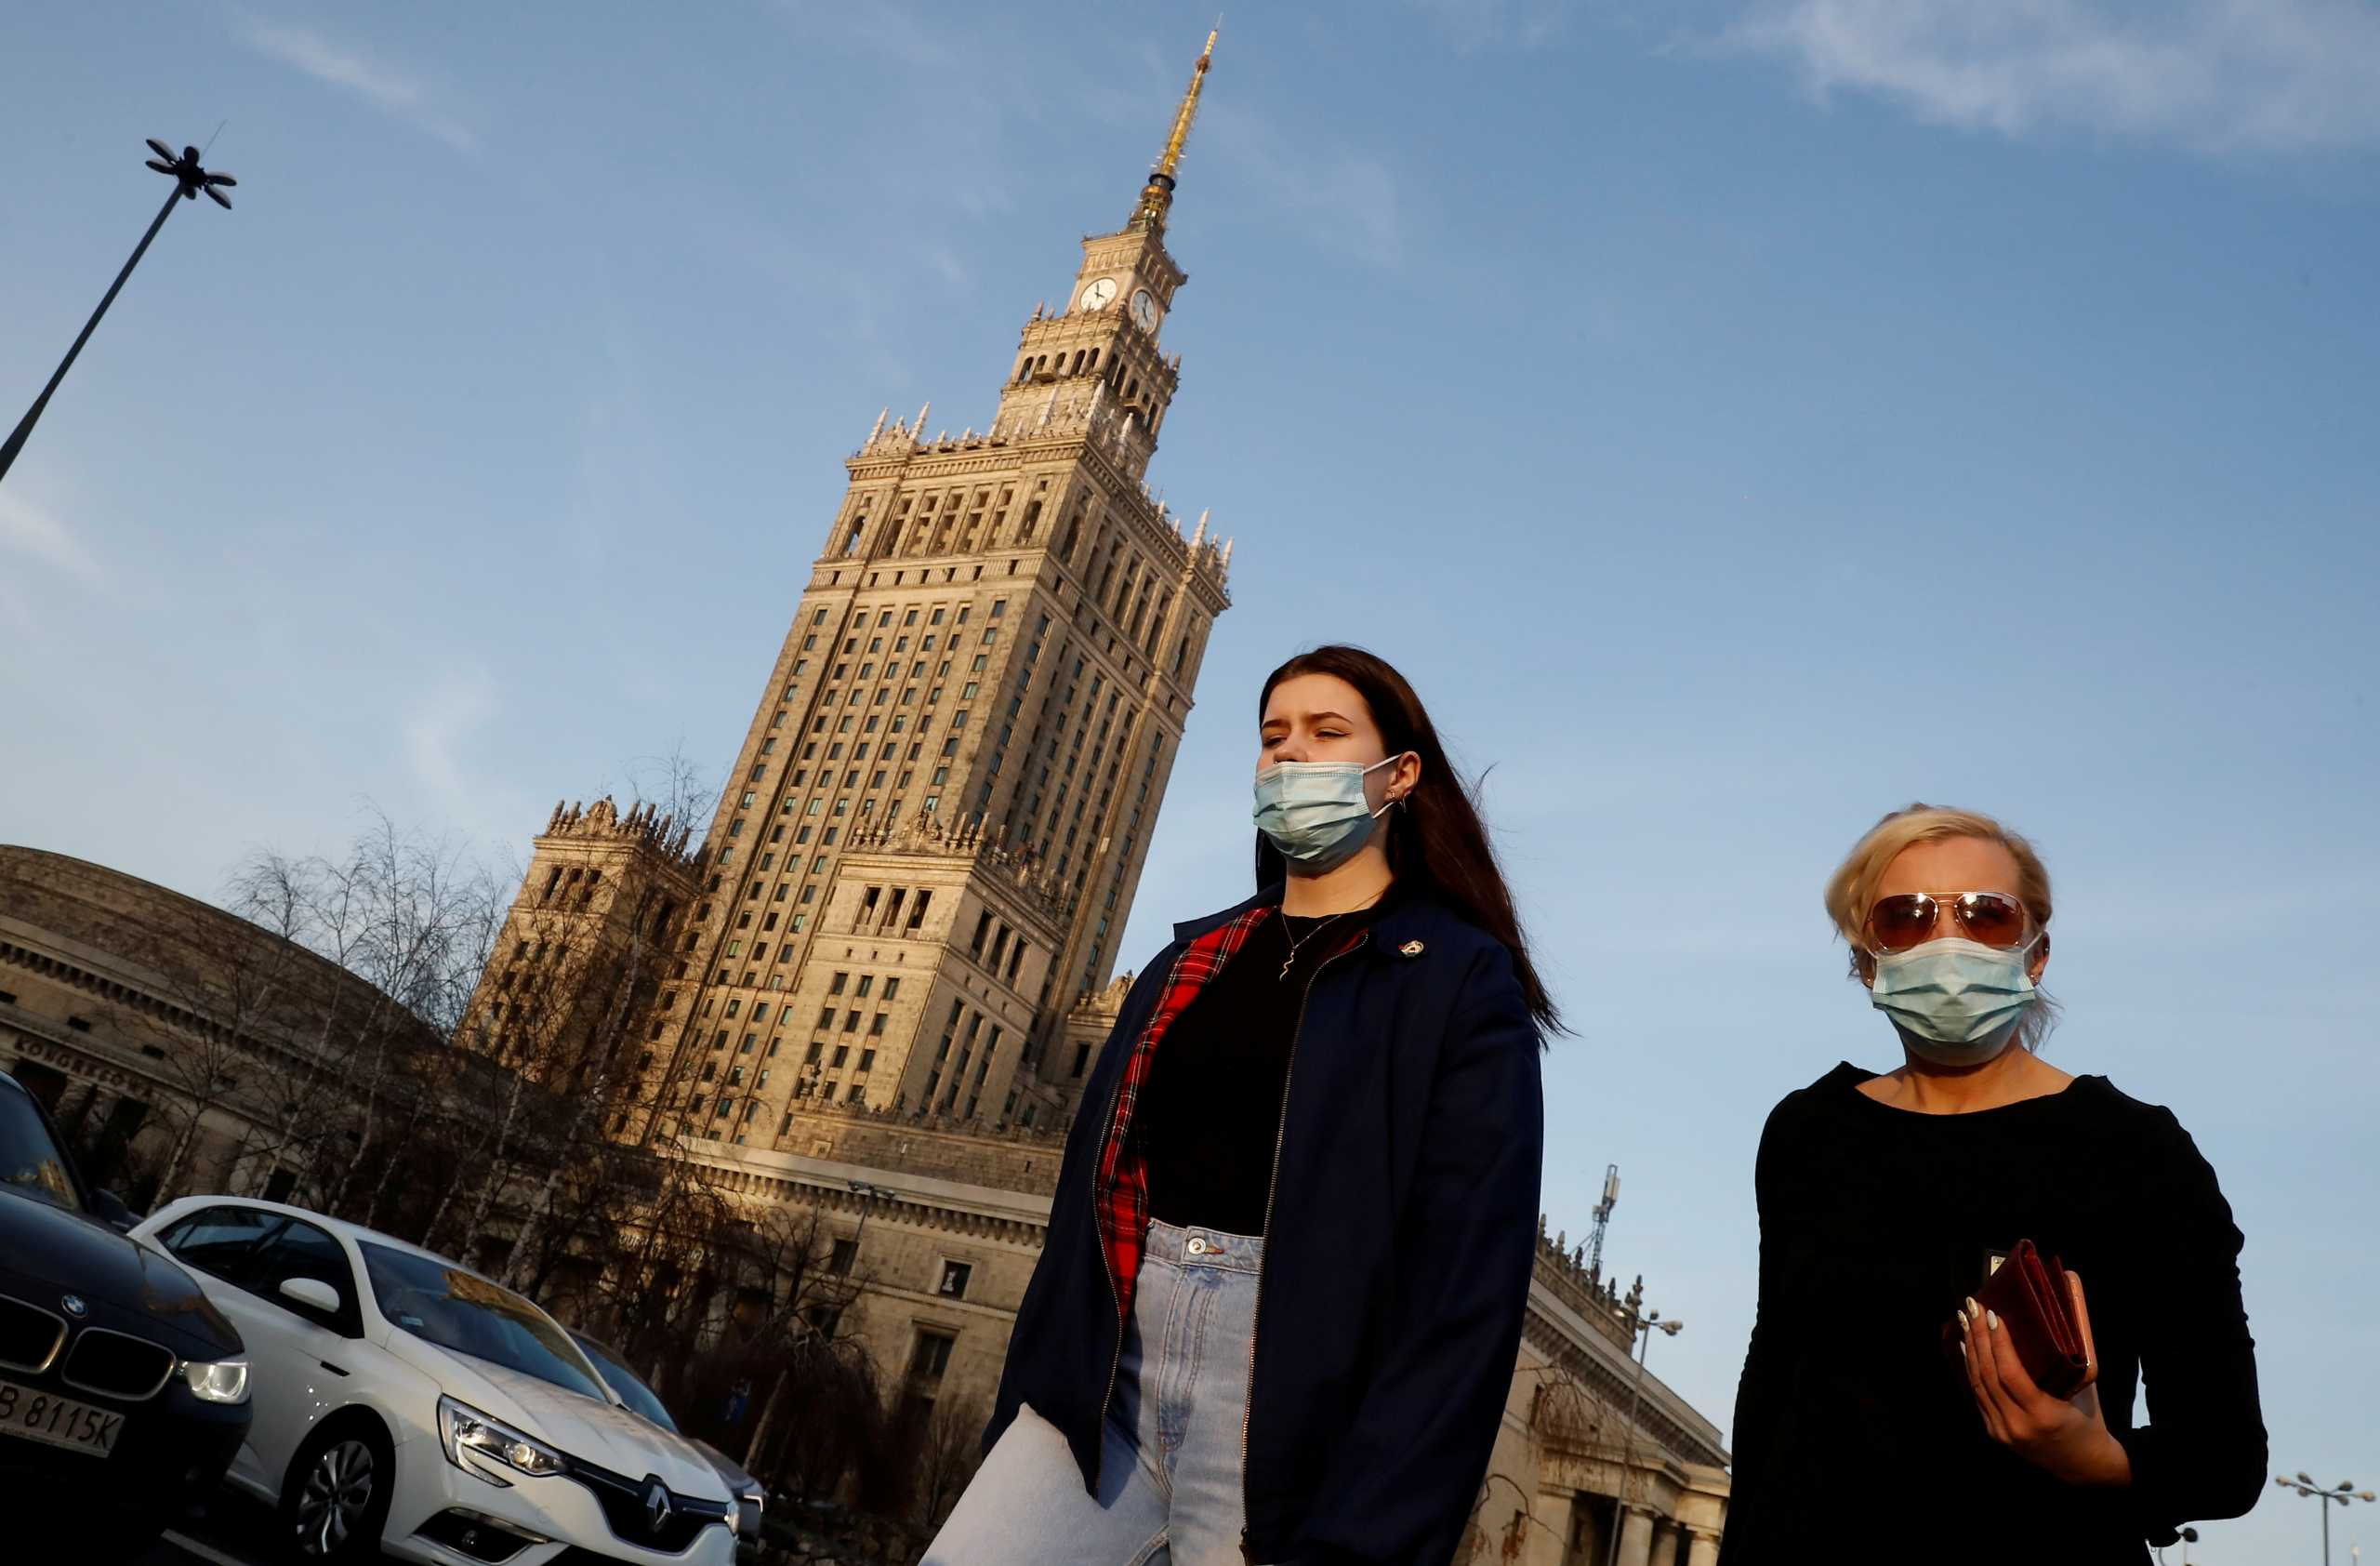 Ξεπέρασαν τα 2 εκατ. τα κρούσματα κορονοϊού στην Πολωνία